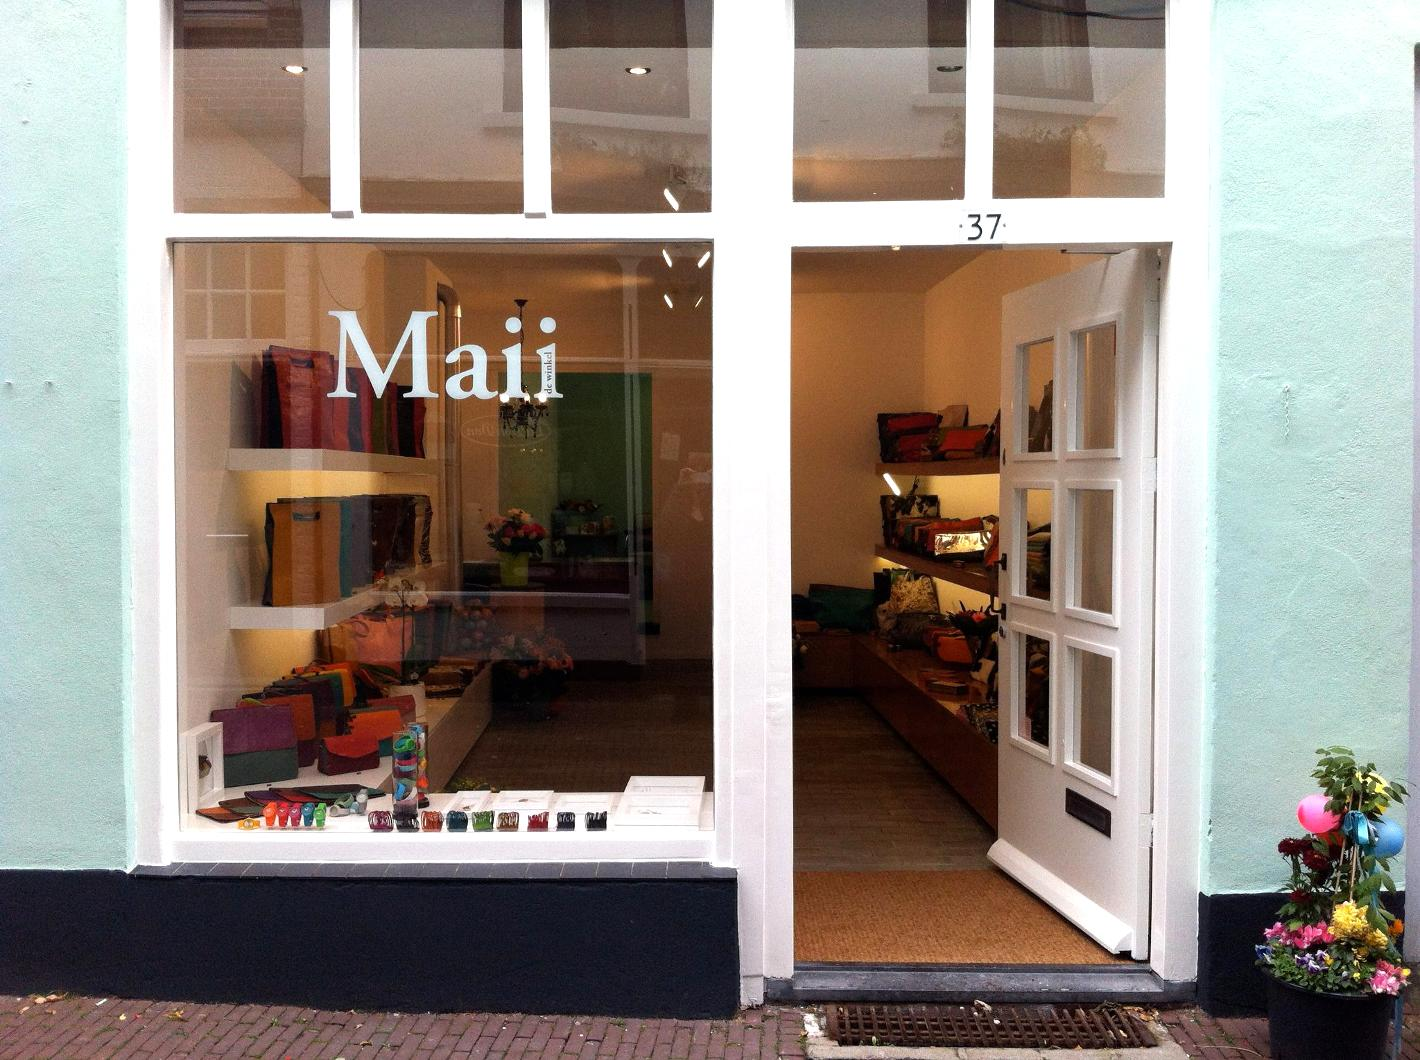 Kleurrijk Mode Sieraden In Tassenwinkel Maii Arnhem kOPTiwXZu